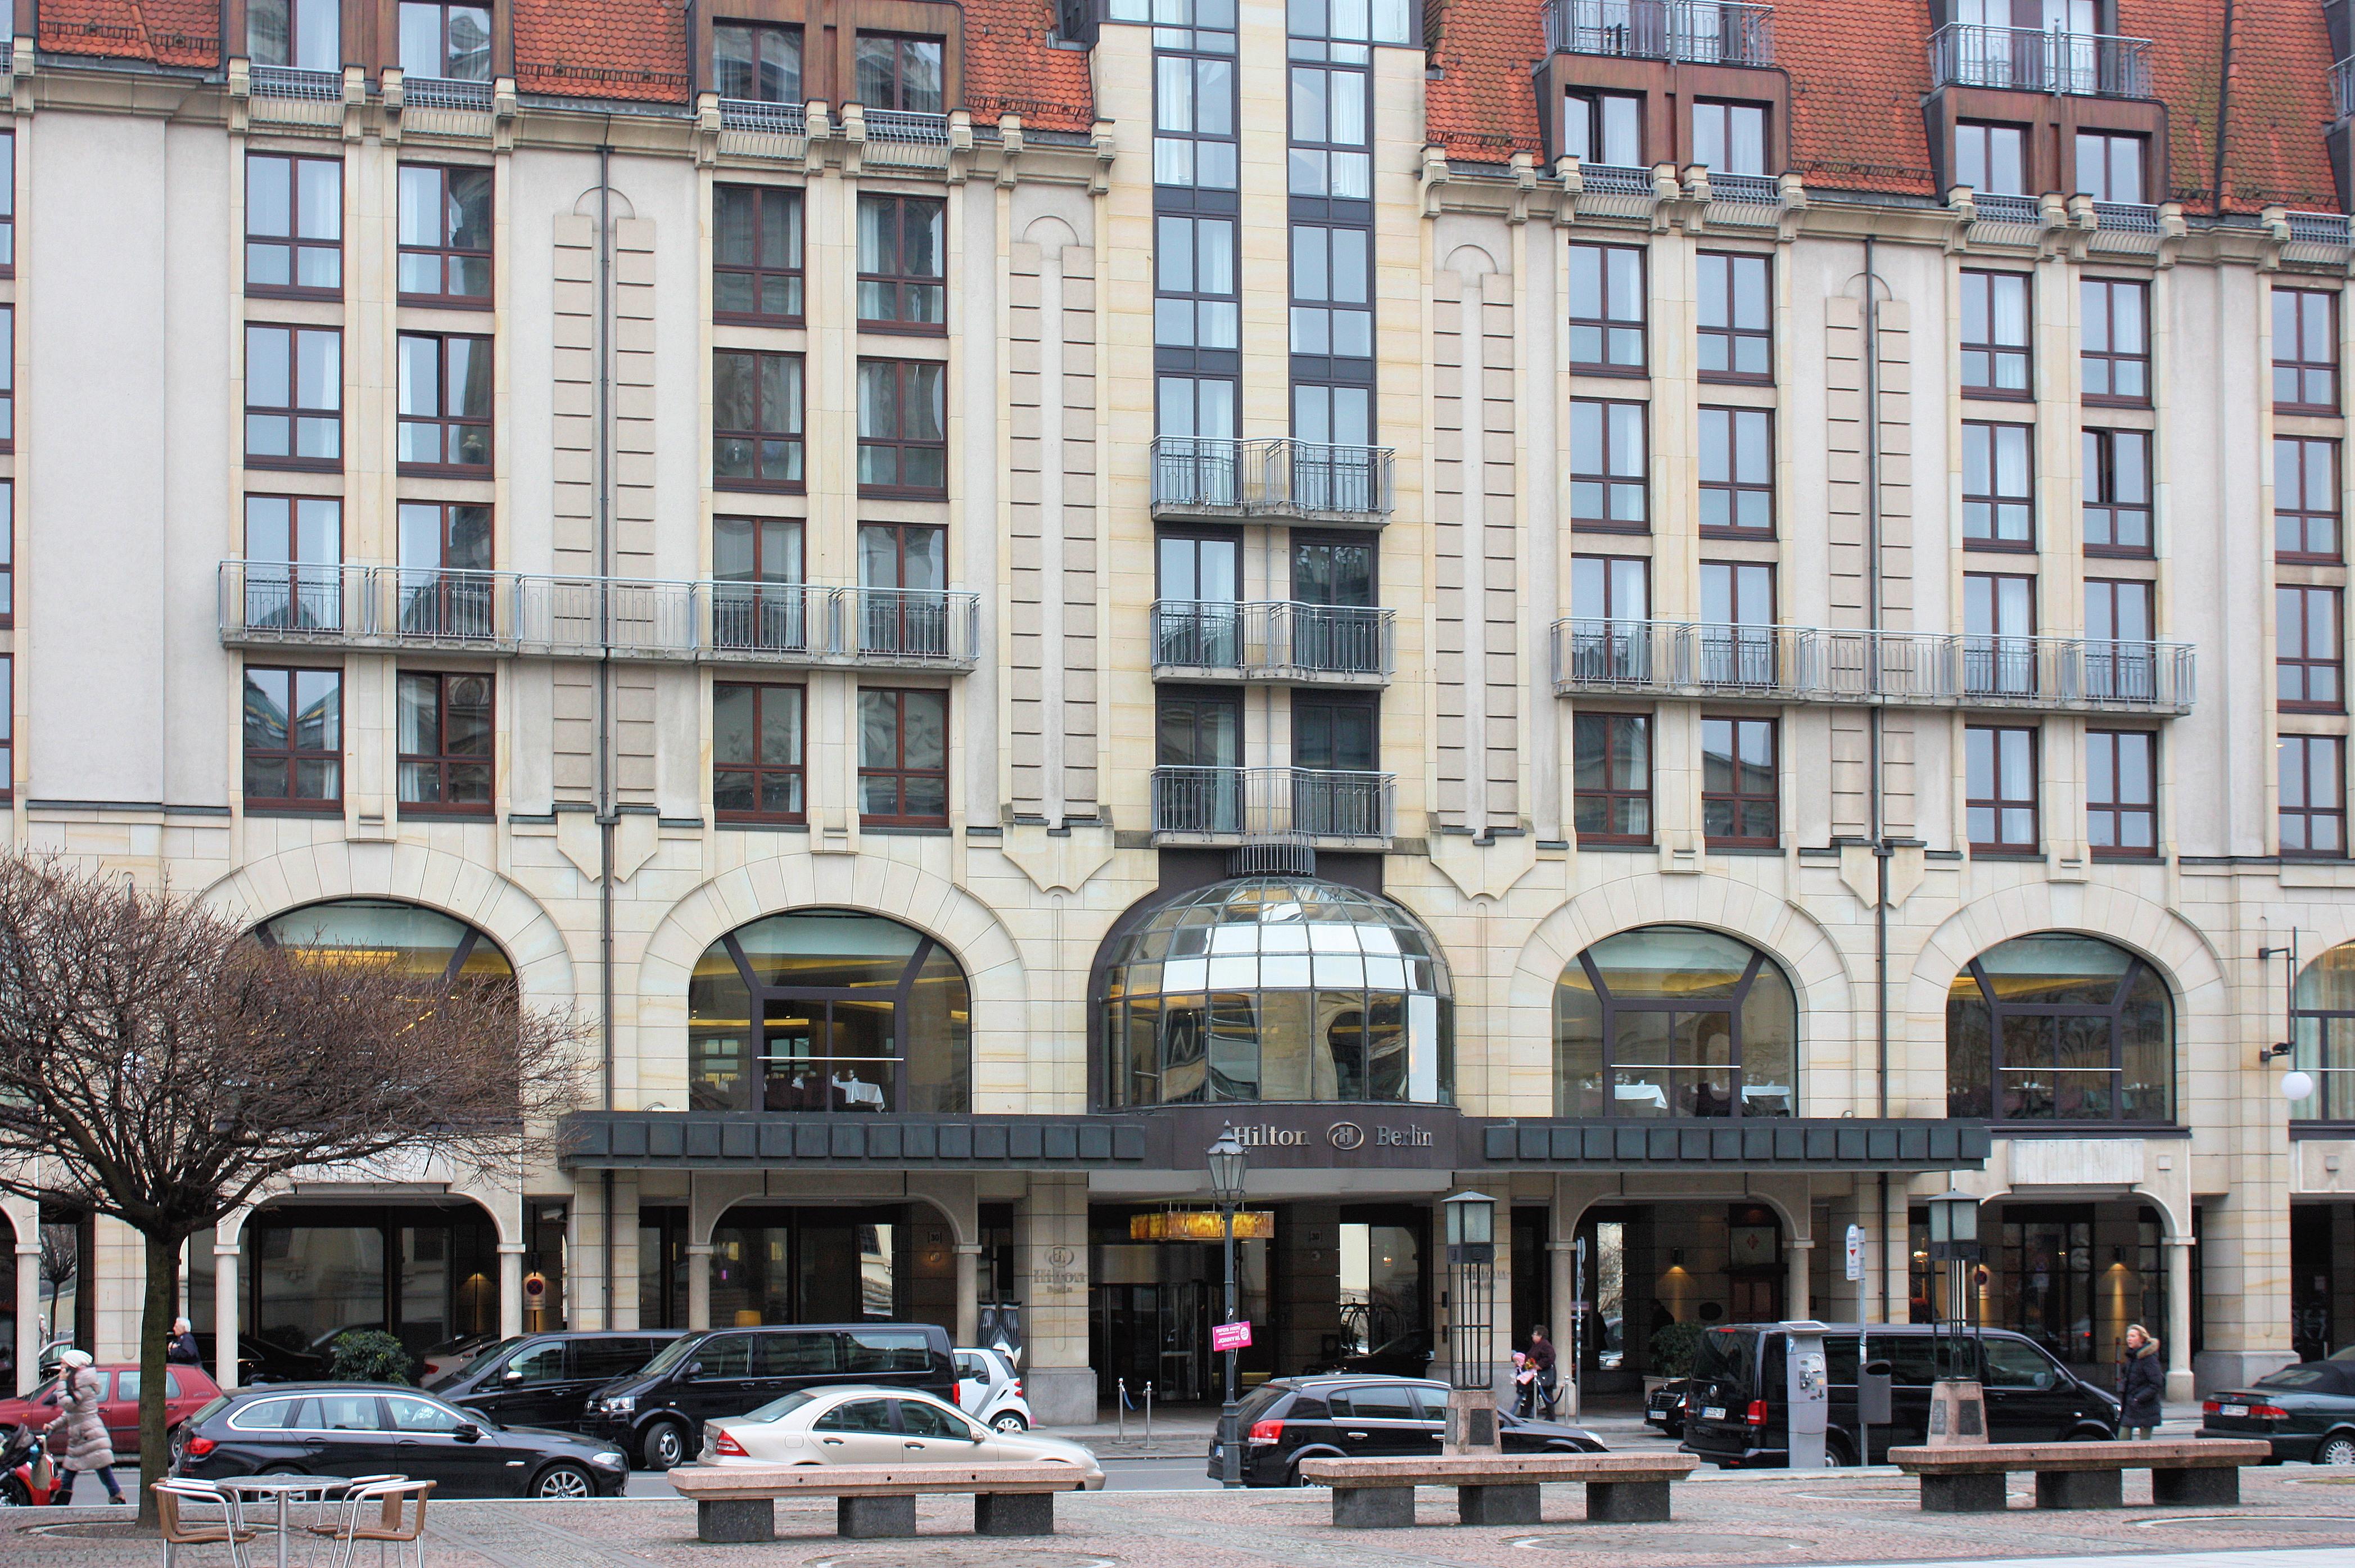 Hilton Hotel Berlin Gendarmenmarkt